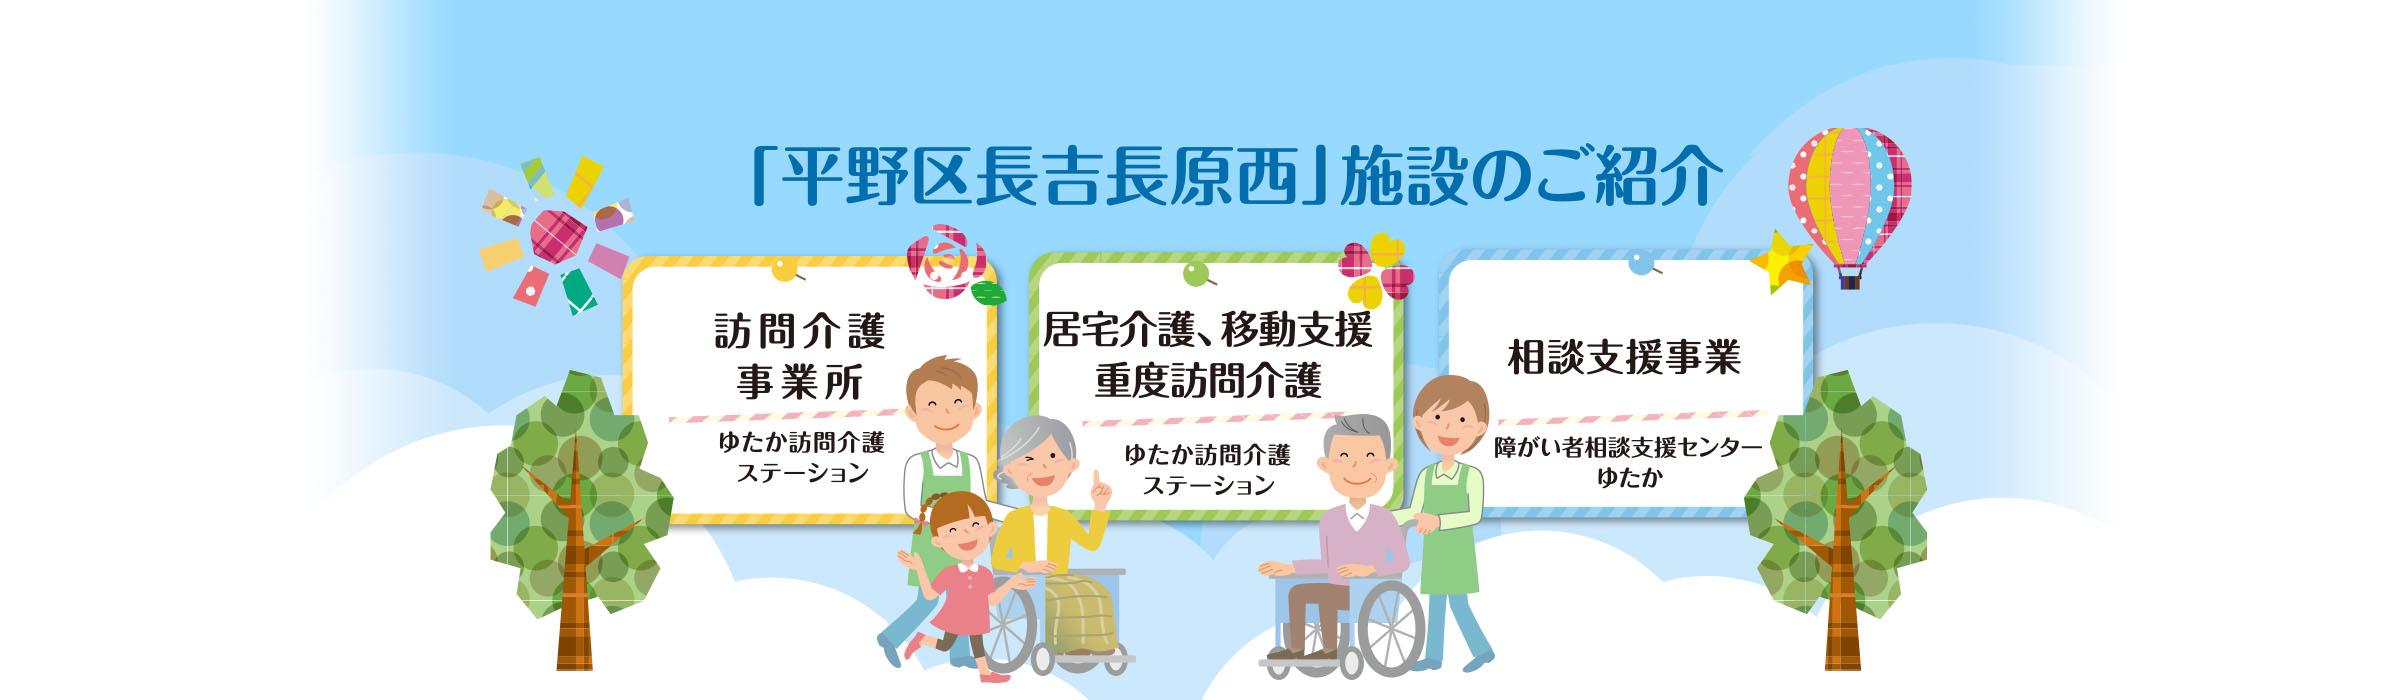 「平野区長吉長原西」施設のご紹介